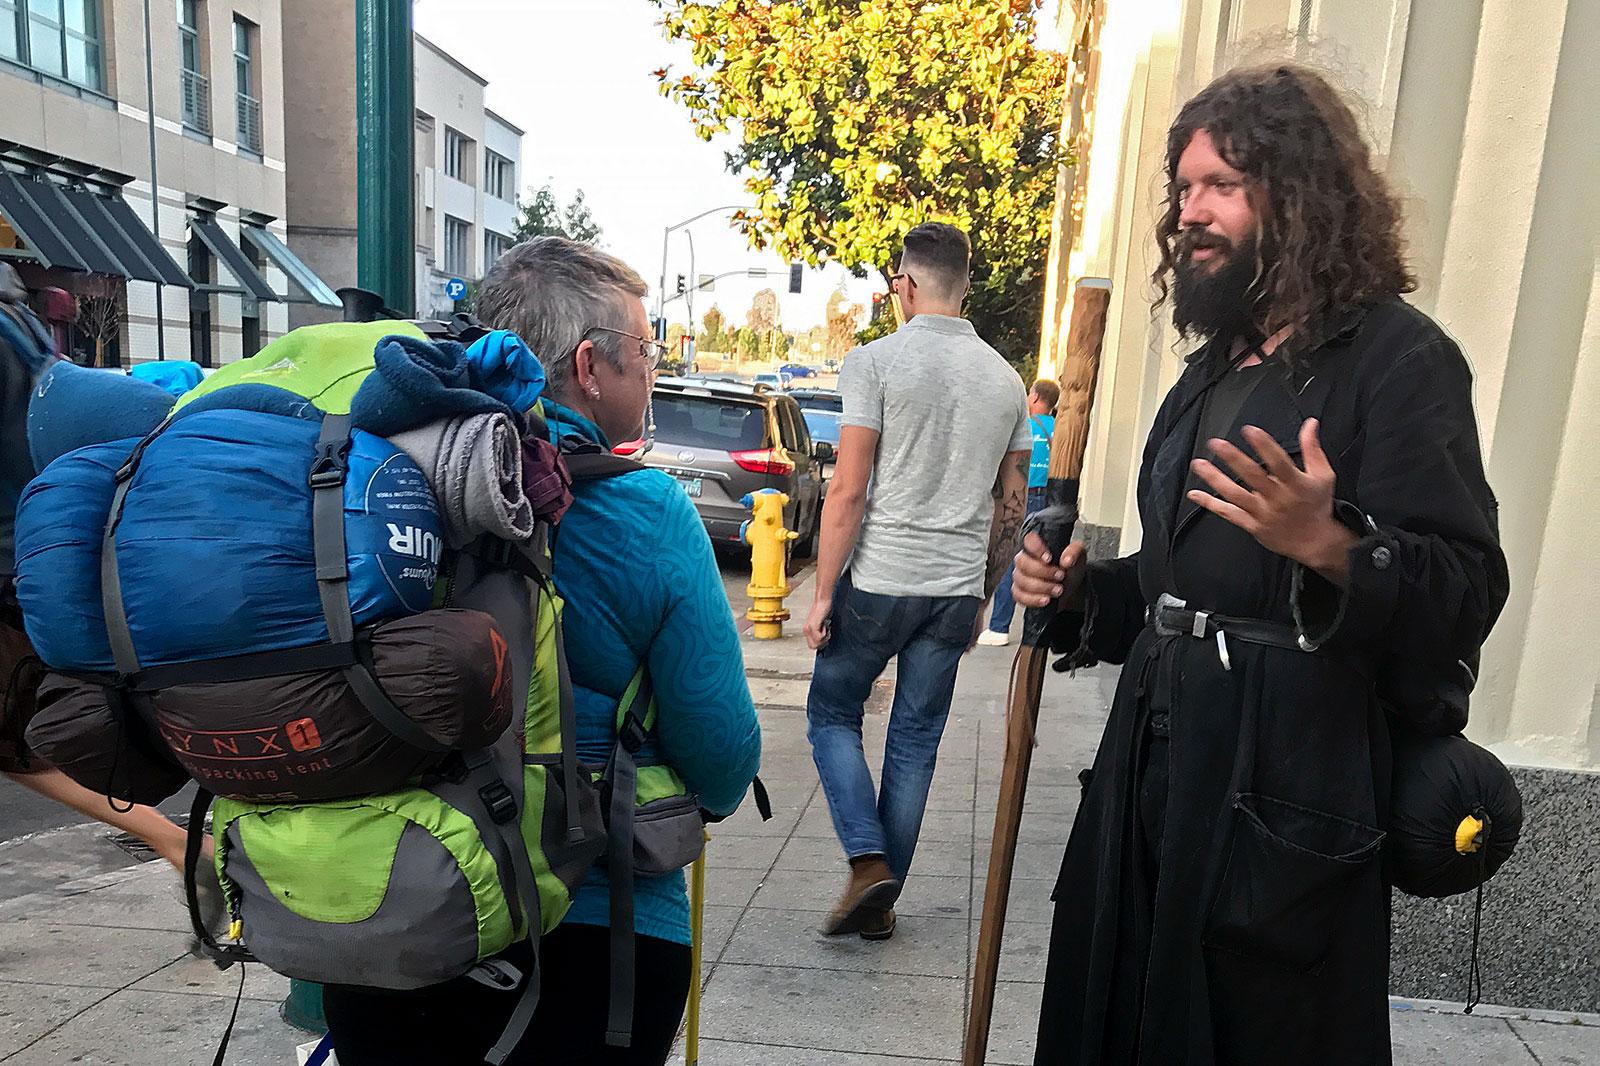 Homem com aspecto de Jesus, falando com mochileiro na rua